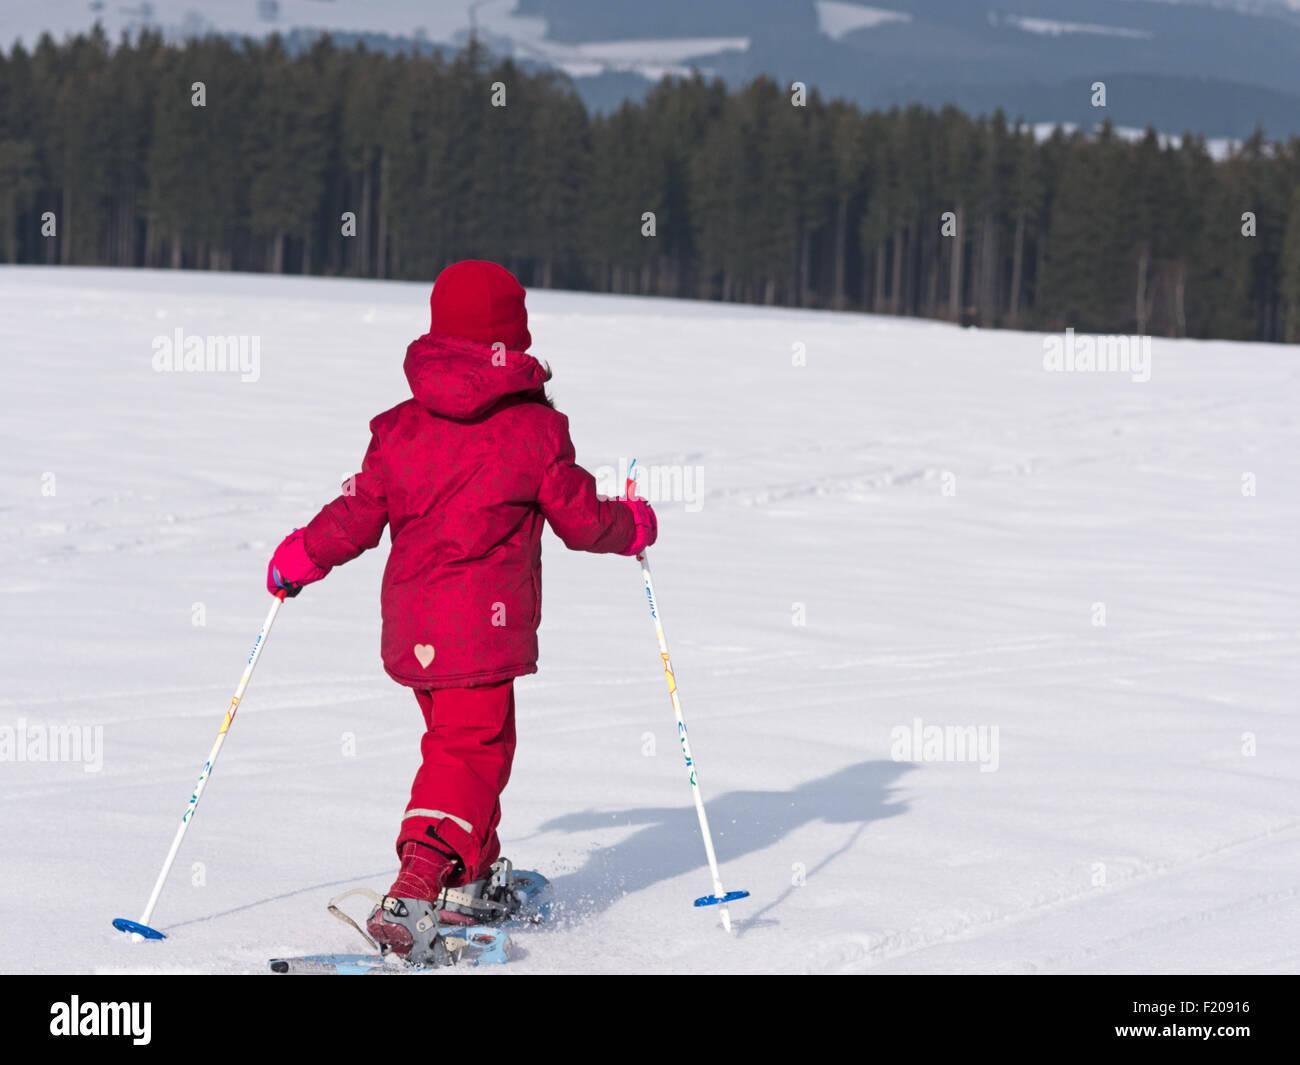 Kind läuft mit Schneeschuhen - Stock Image